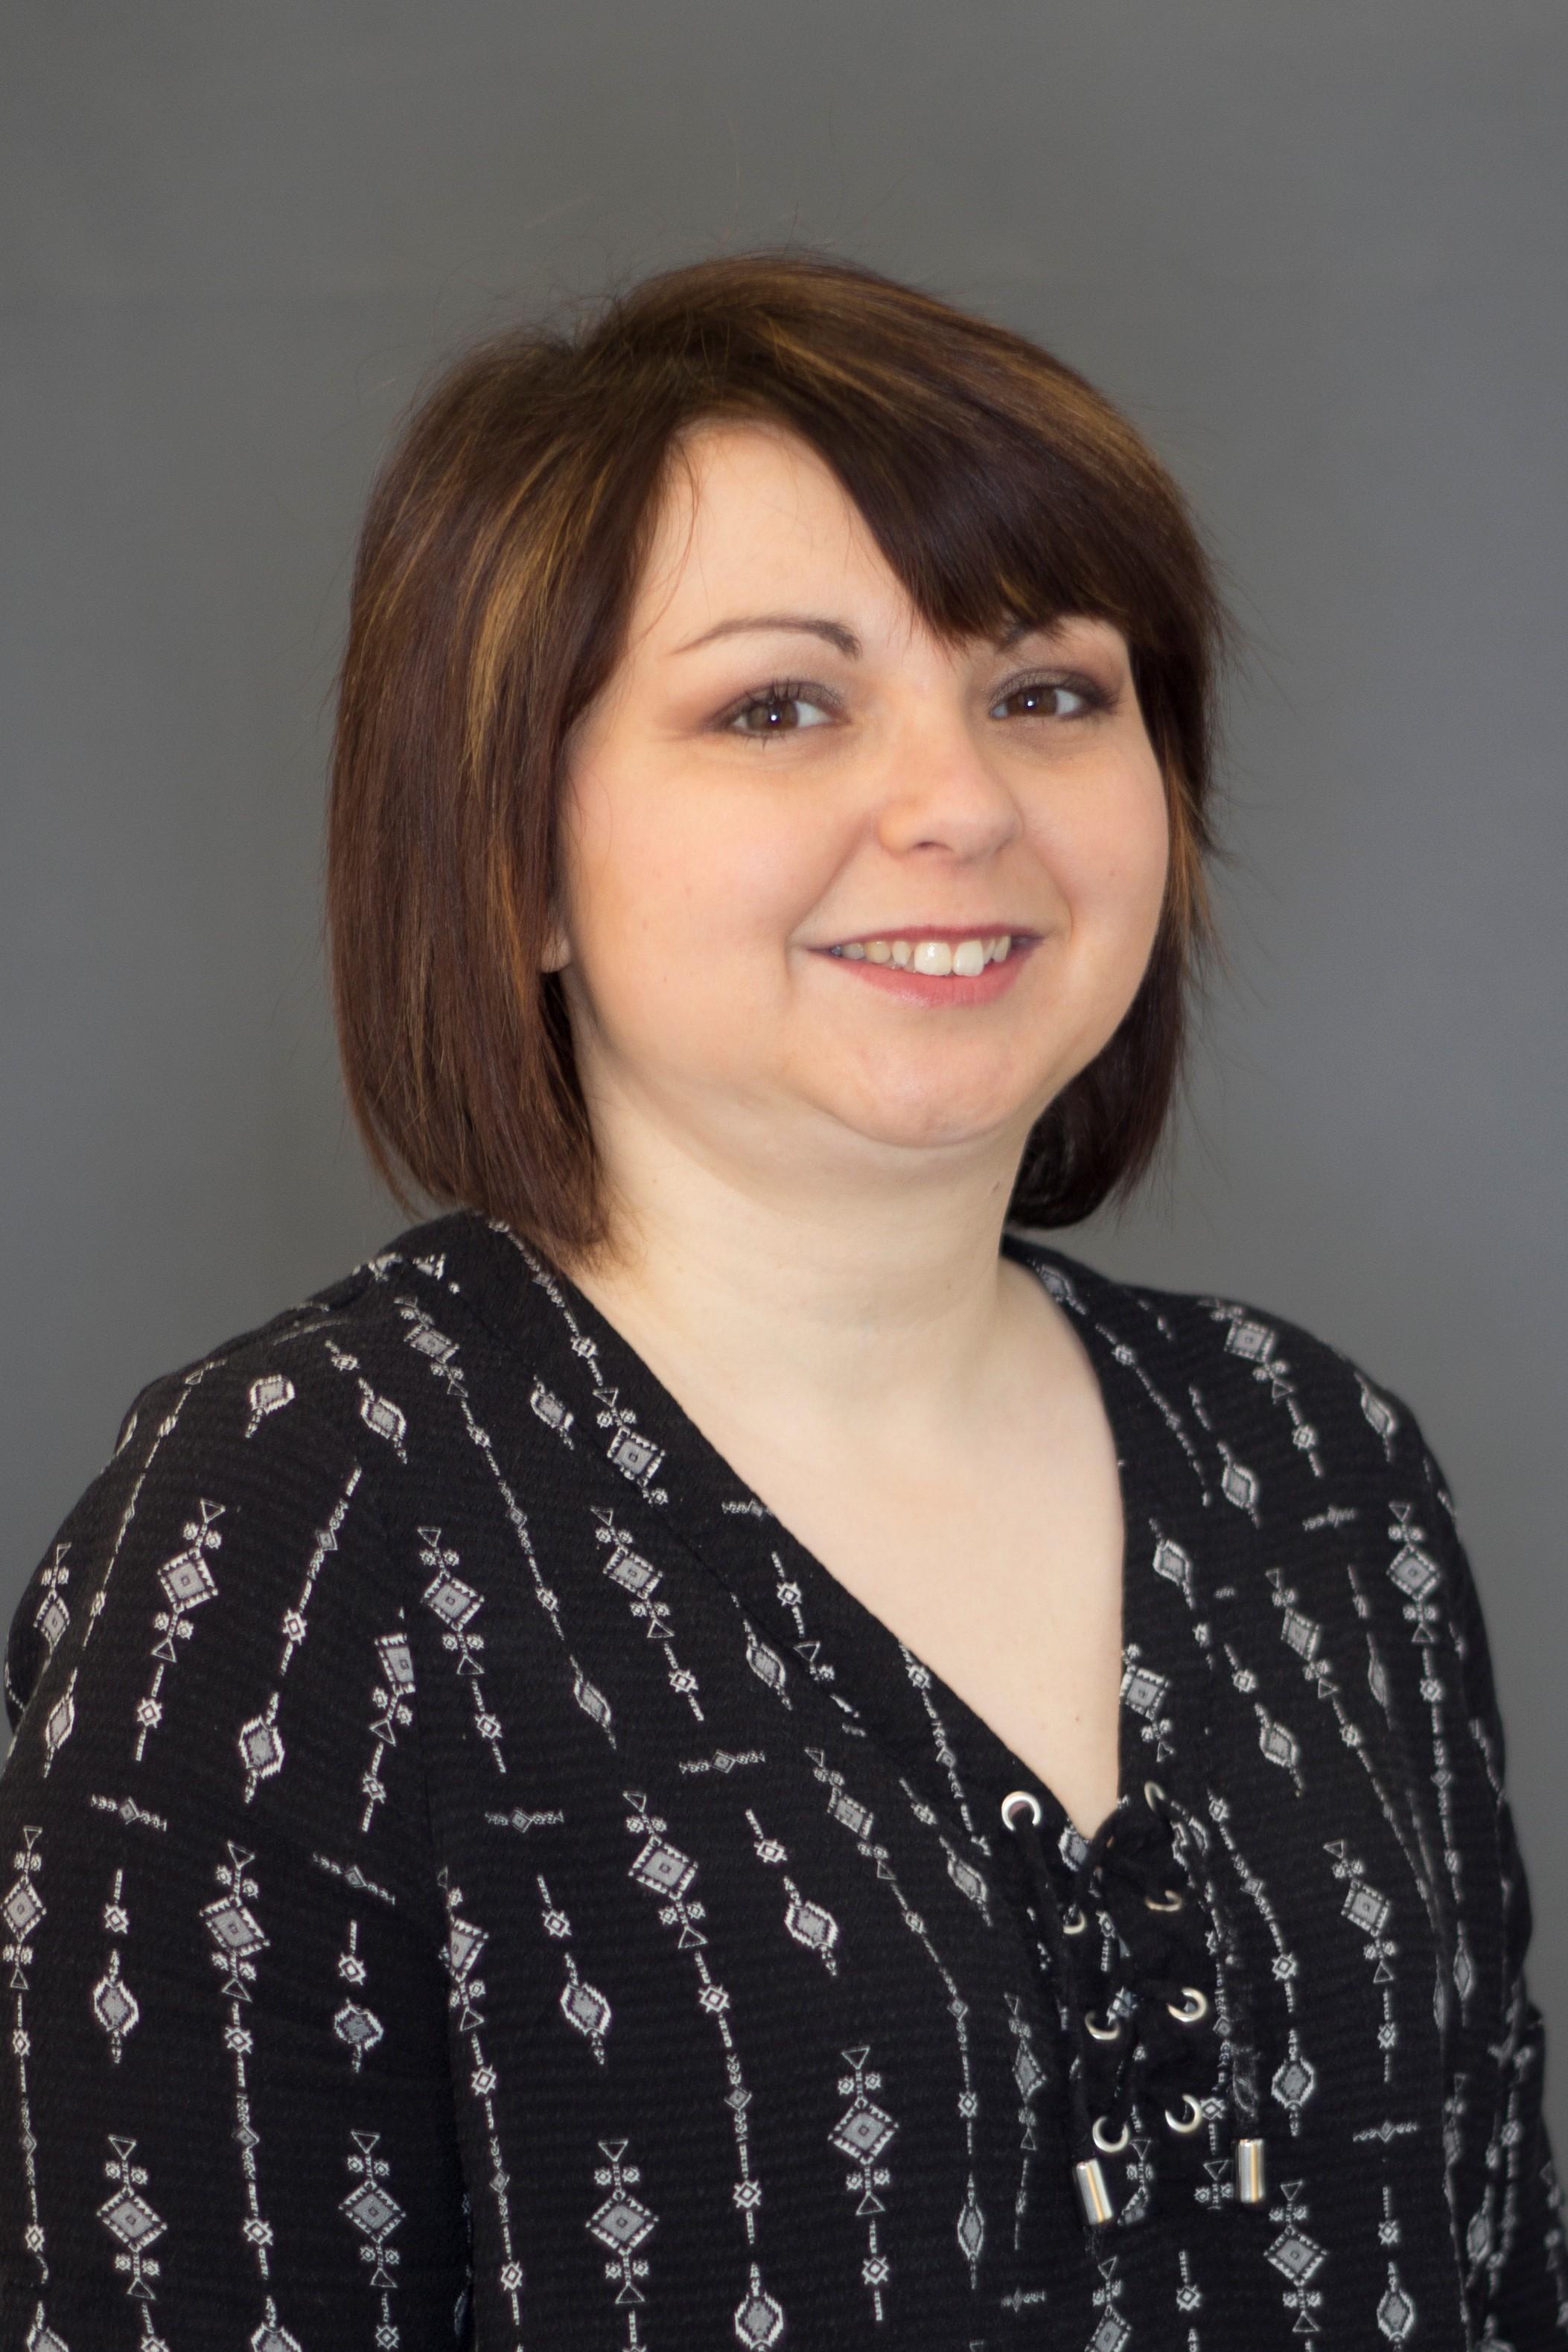 Sandra EHMIG